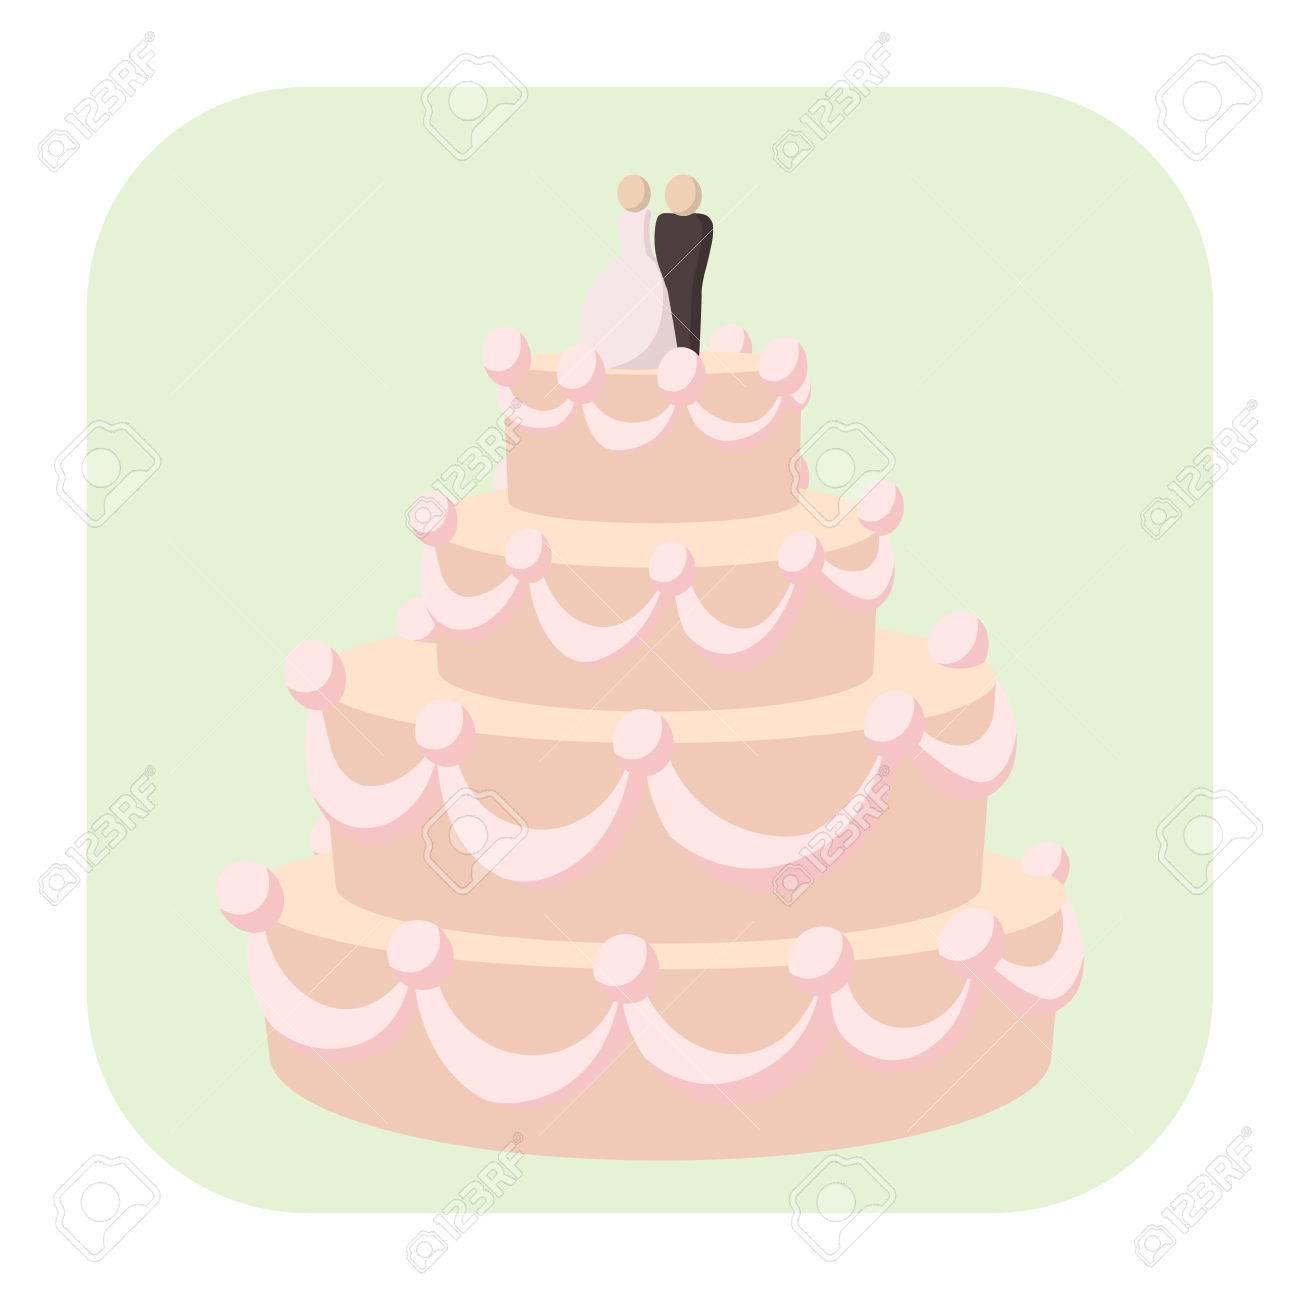 Wedding Cake Cartoon Icon. A Stylish Wedding Cake Decorated With ...